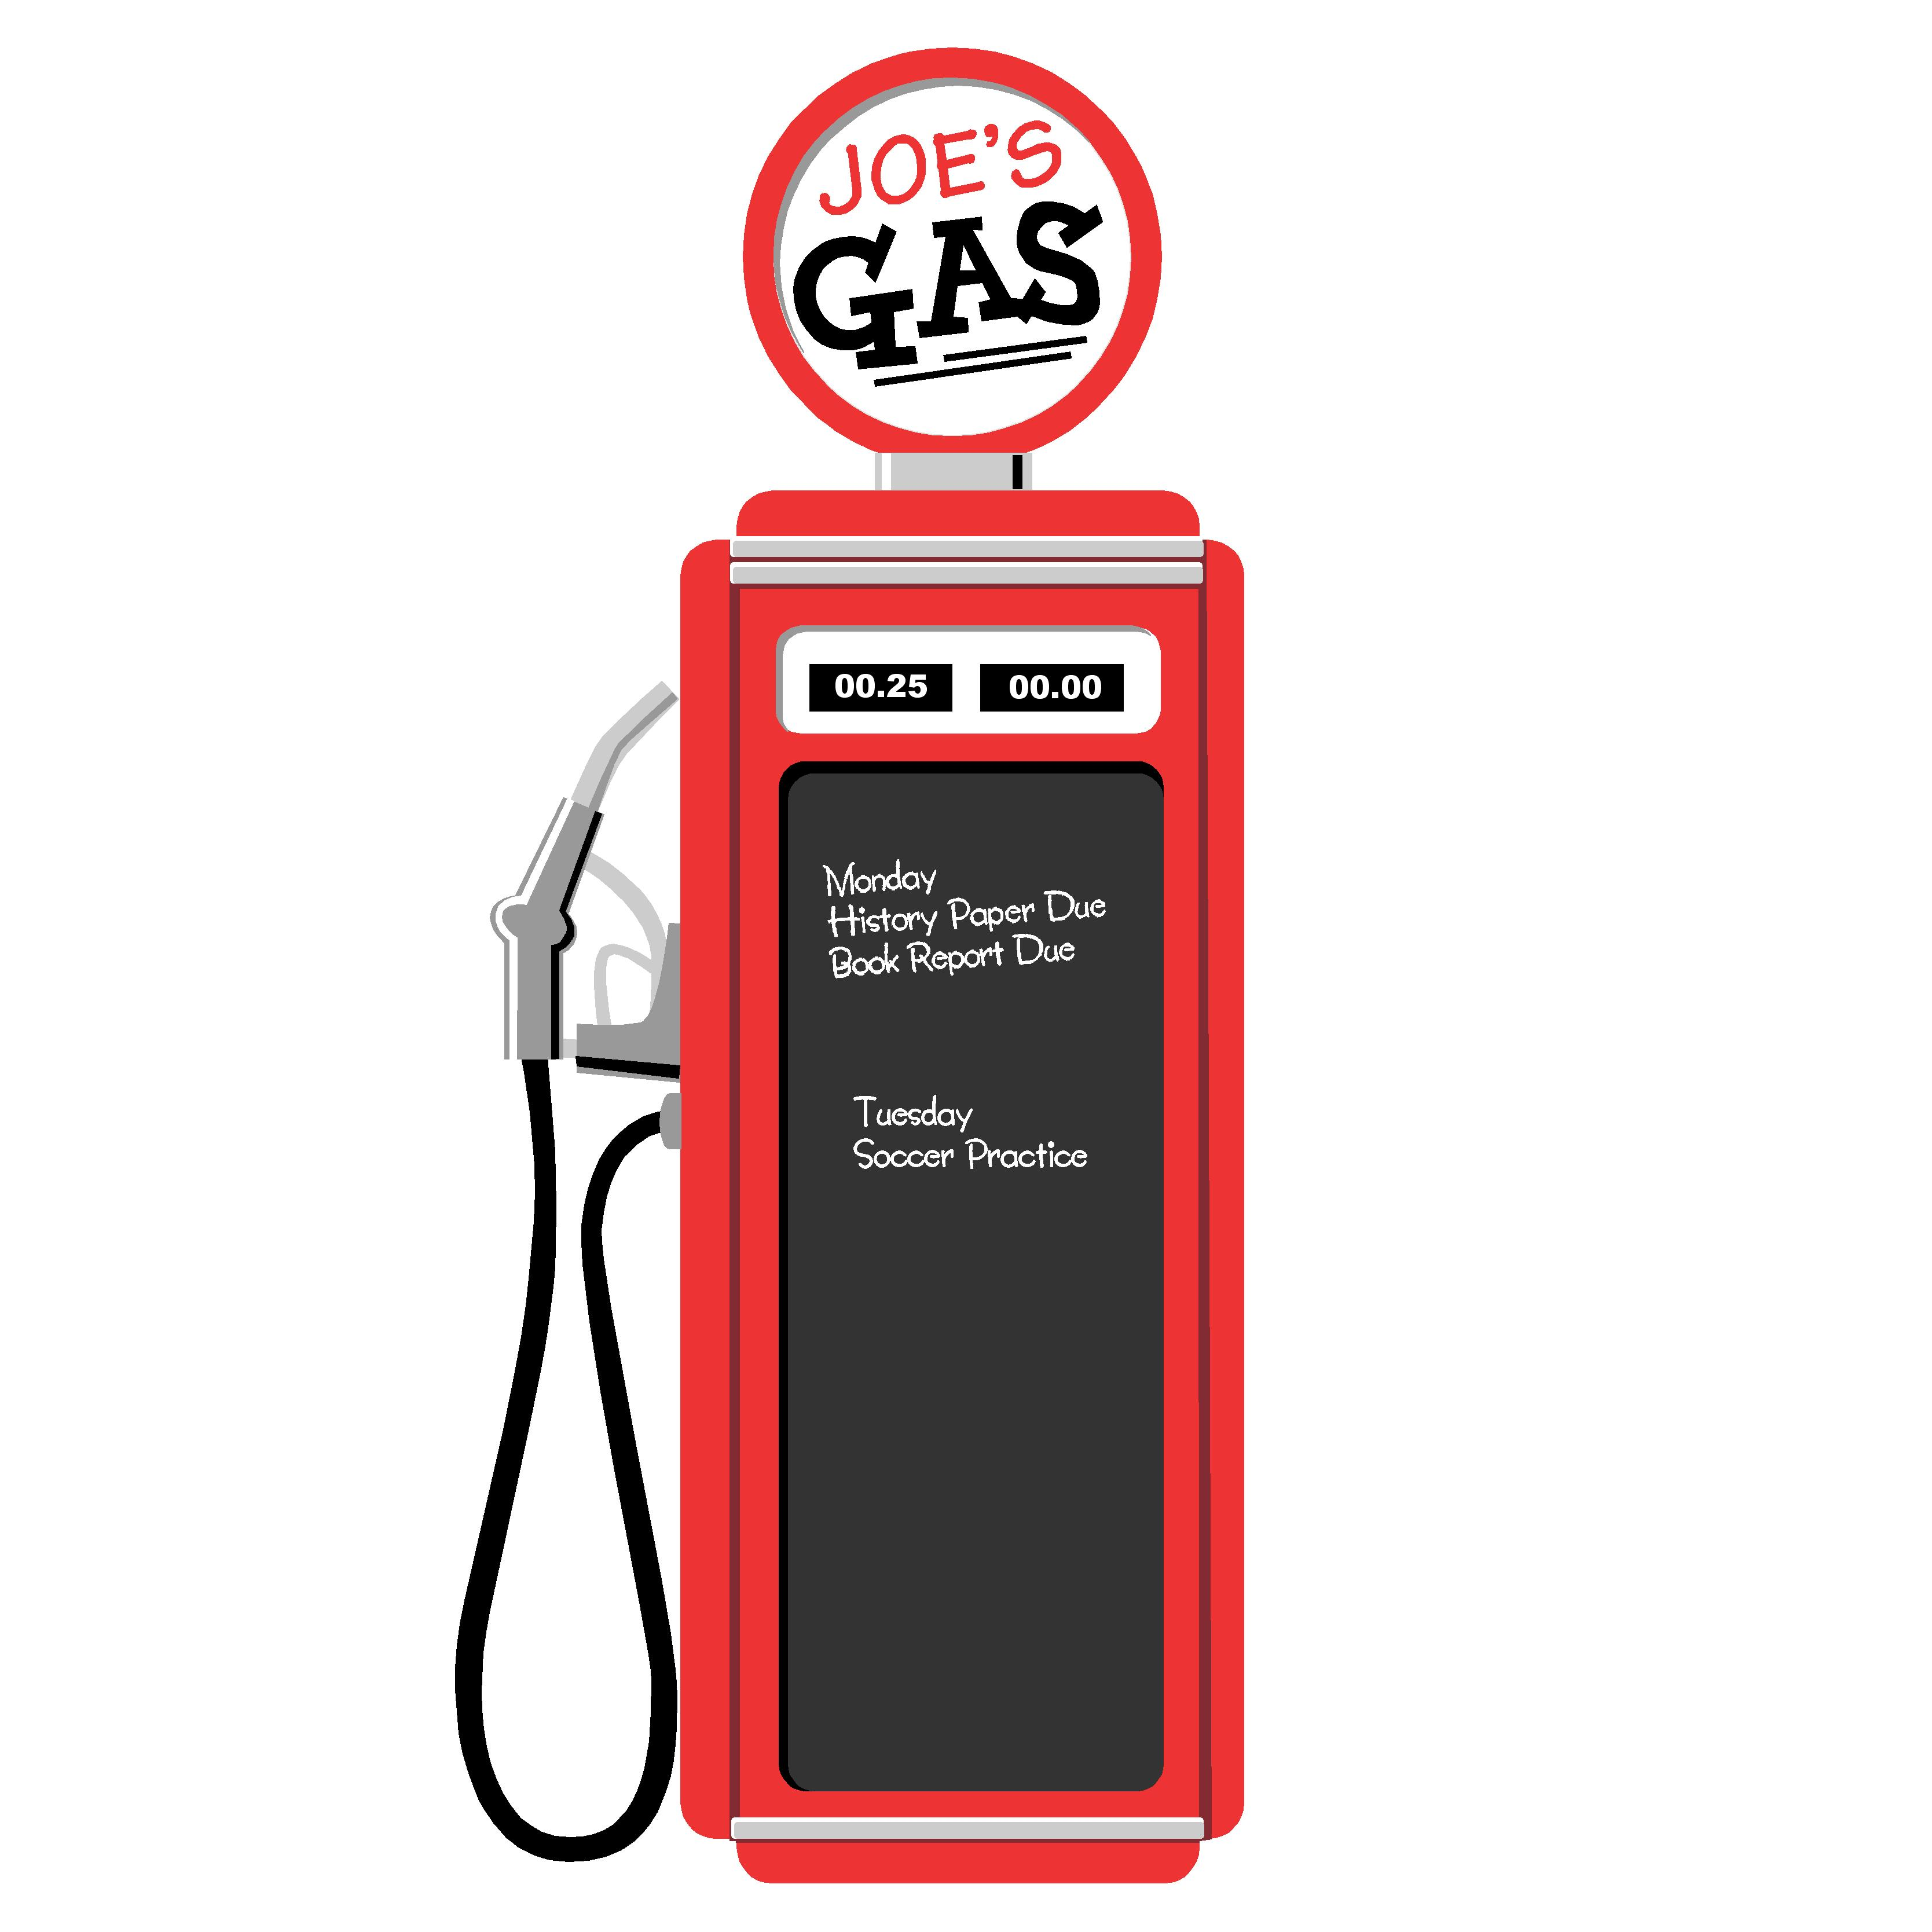 Clipart Gas Pump.